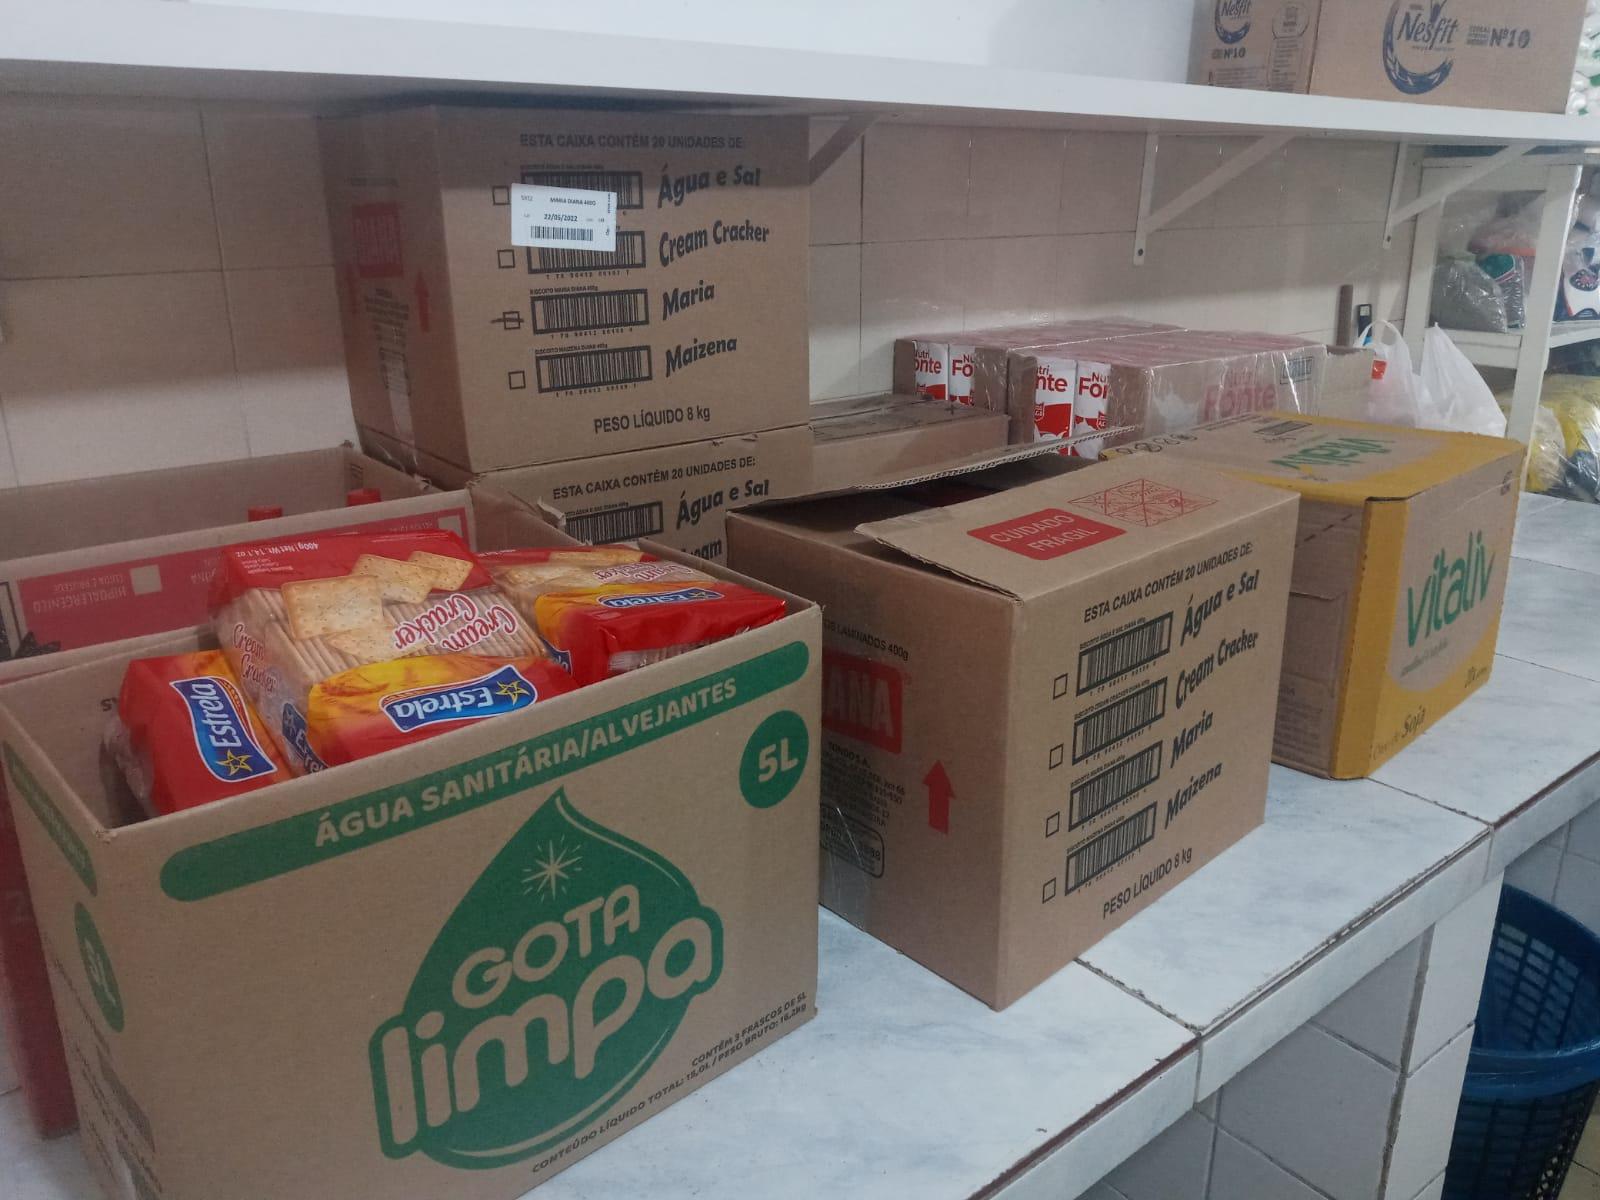 Solidariedade em Pauta: Ação Concreta da Semana Franciscana atinge centenas de doações